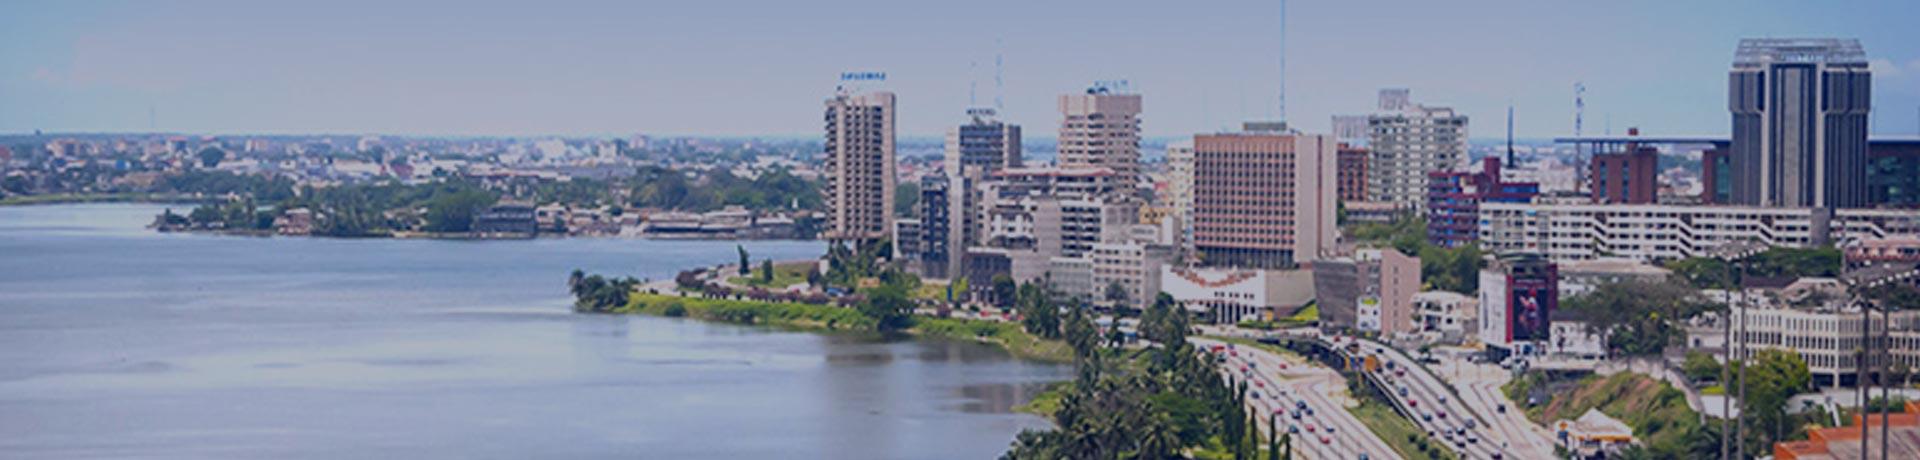 Abidjan's view